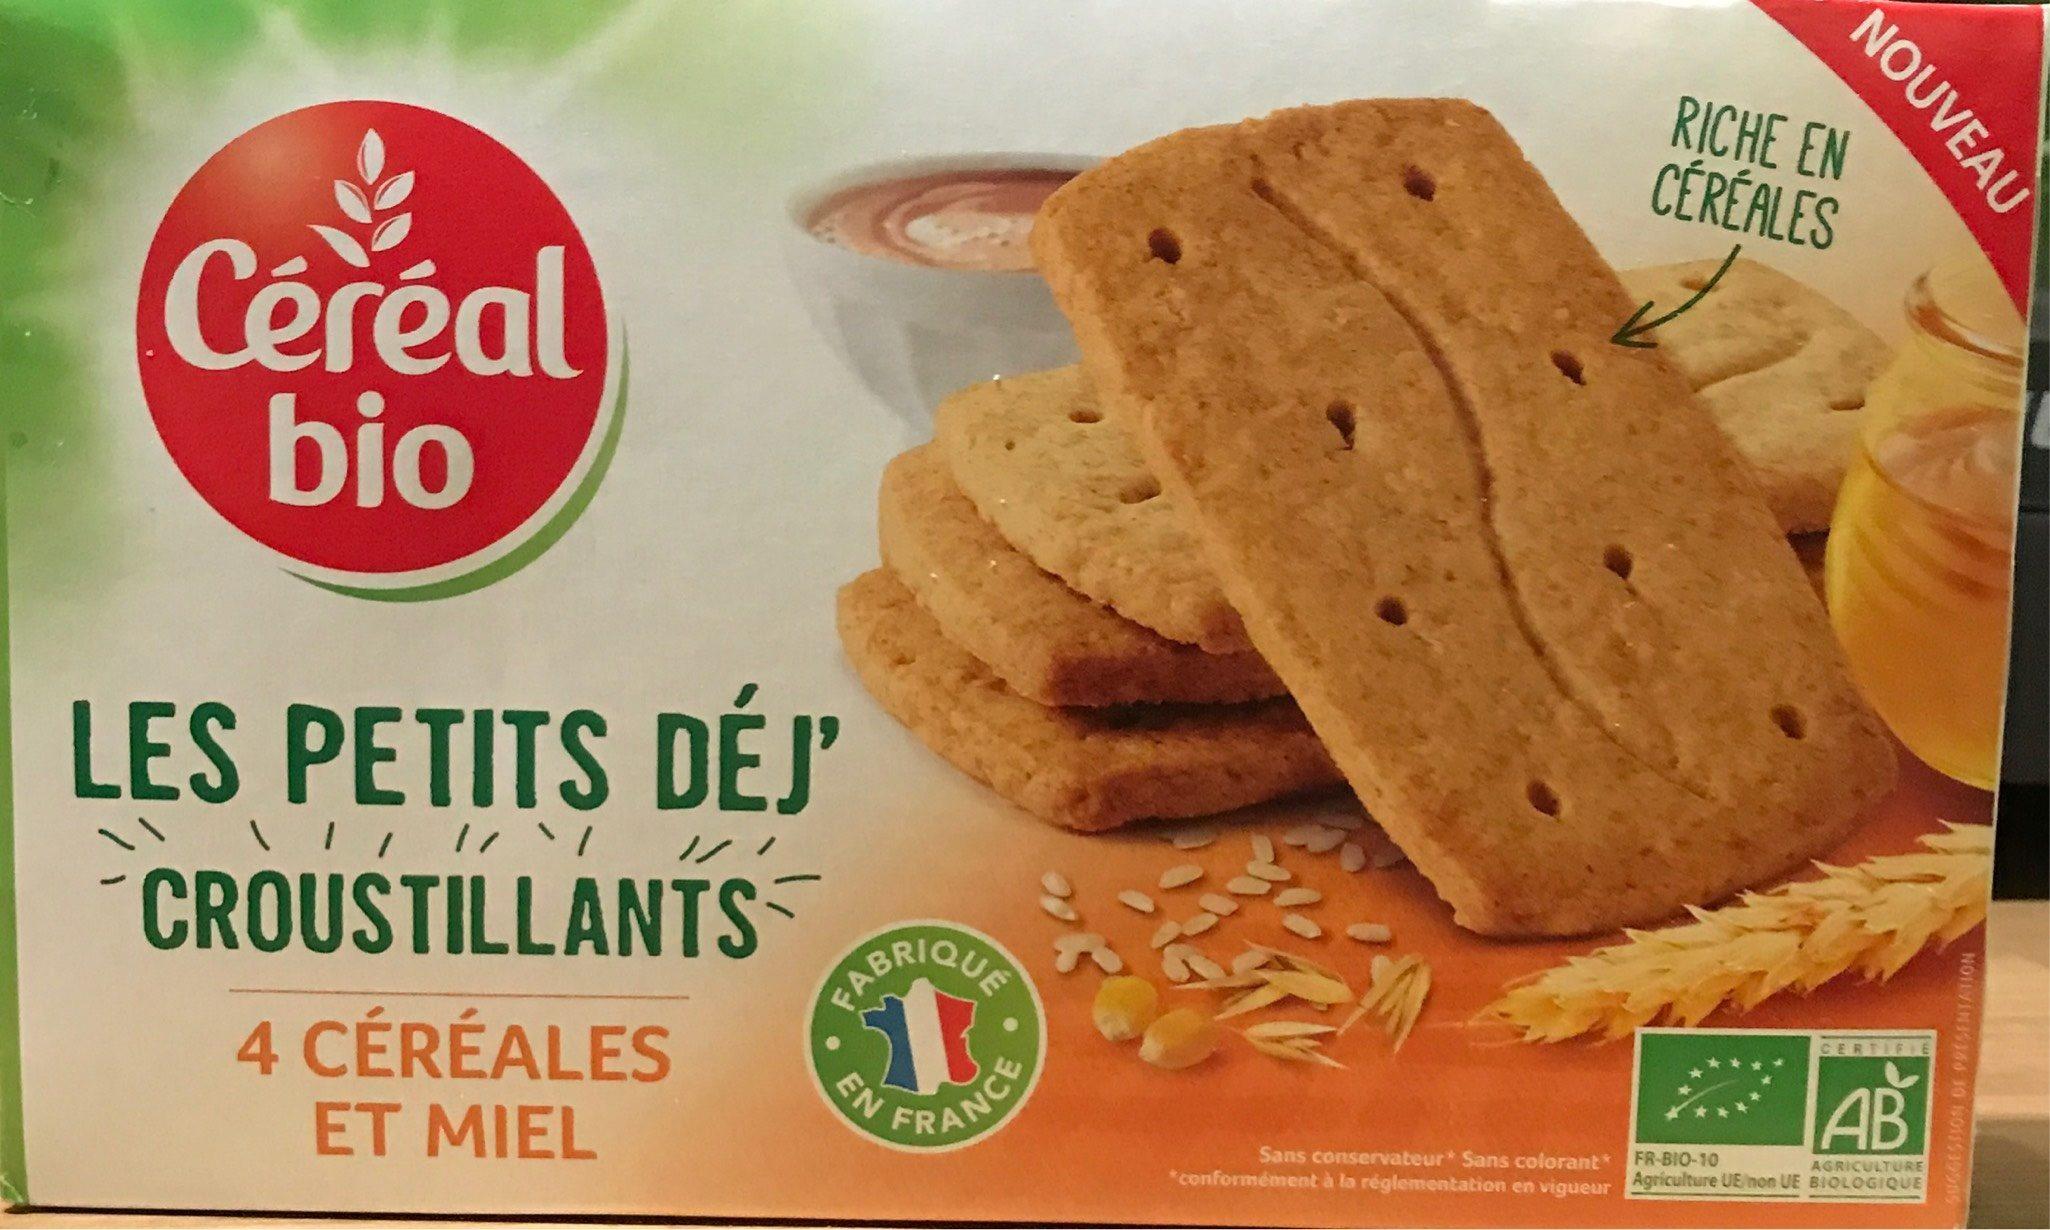 Les petits déj' croustillants - 4 céréales et miel - Produit - fr